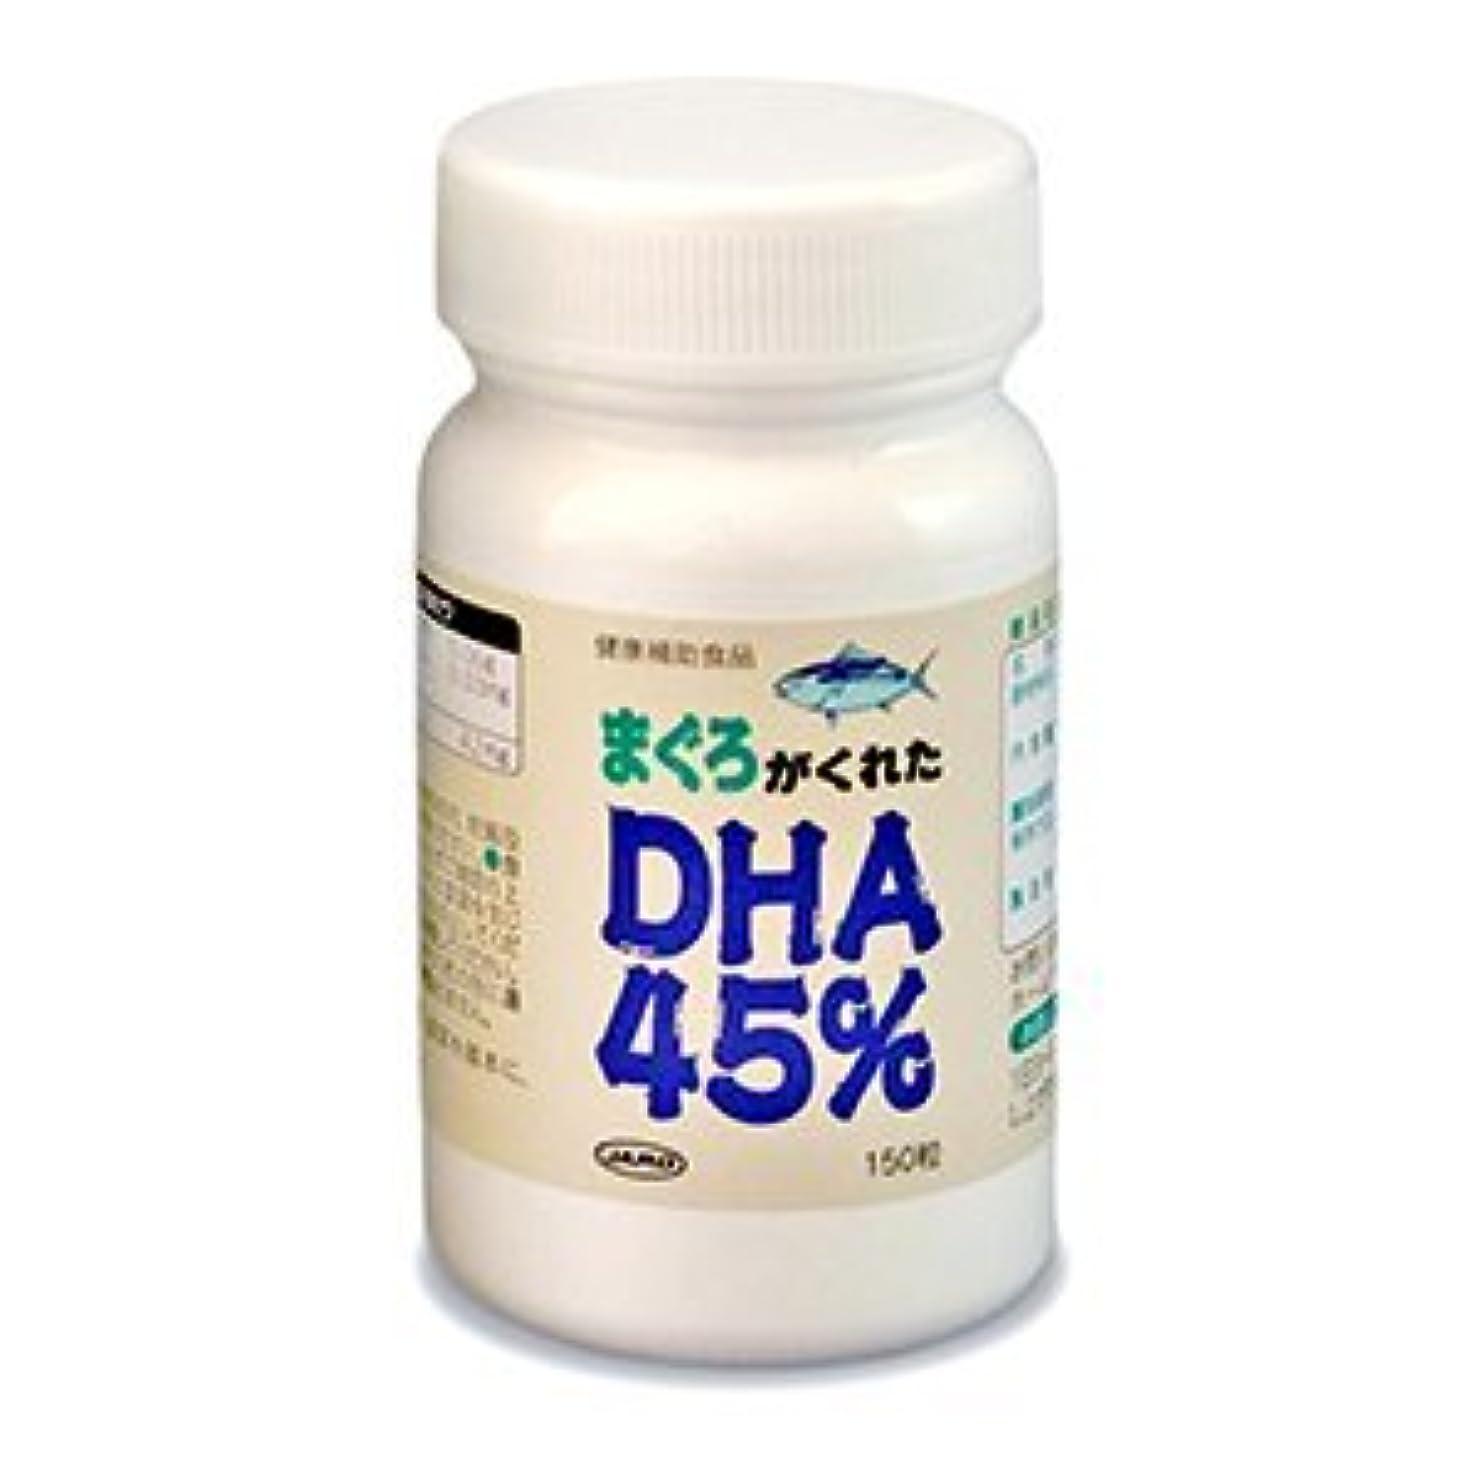 痛み盲目高めるまぐろがくれたDHA45% 150粒(約1ヶ月分)